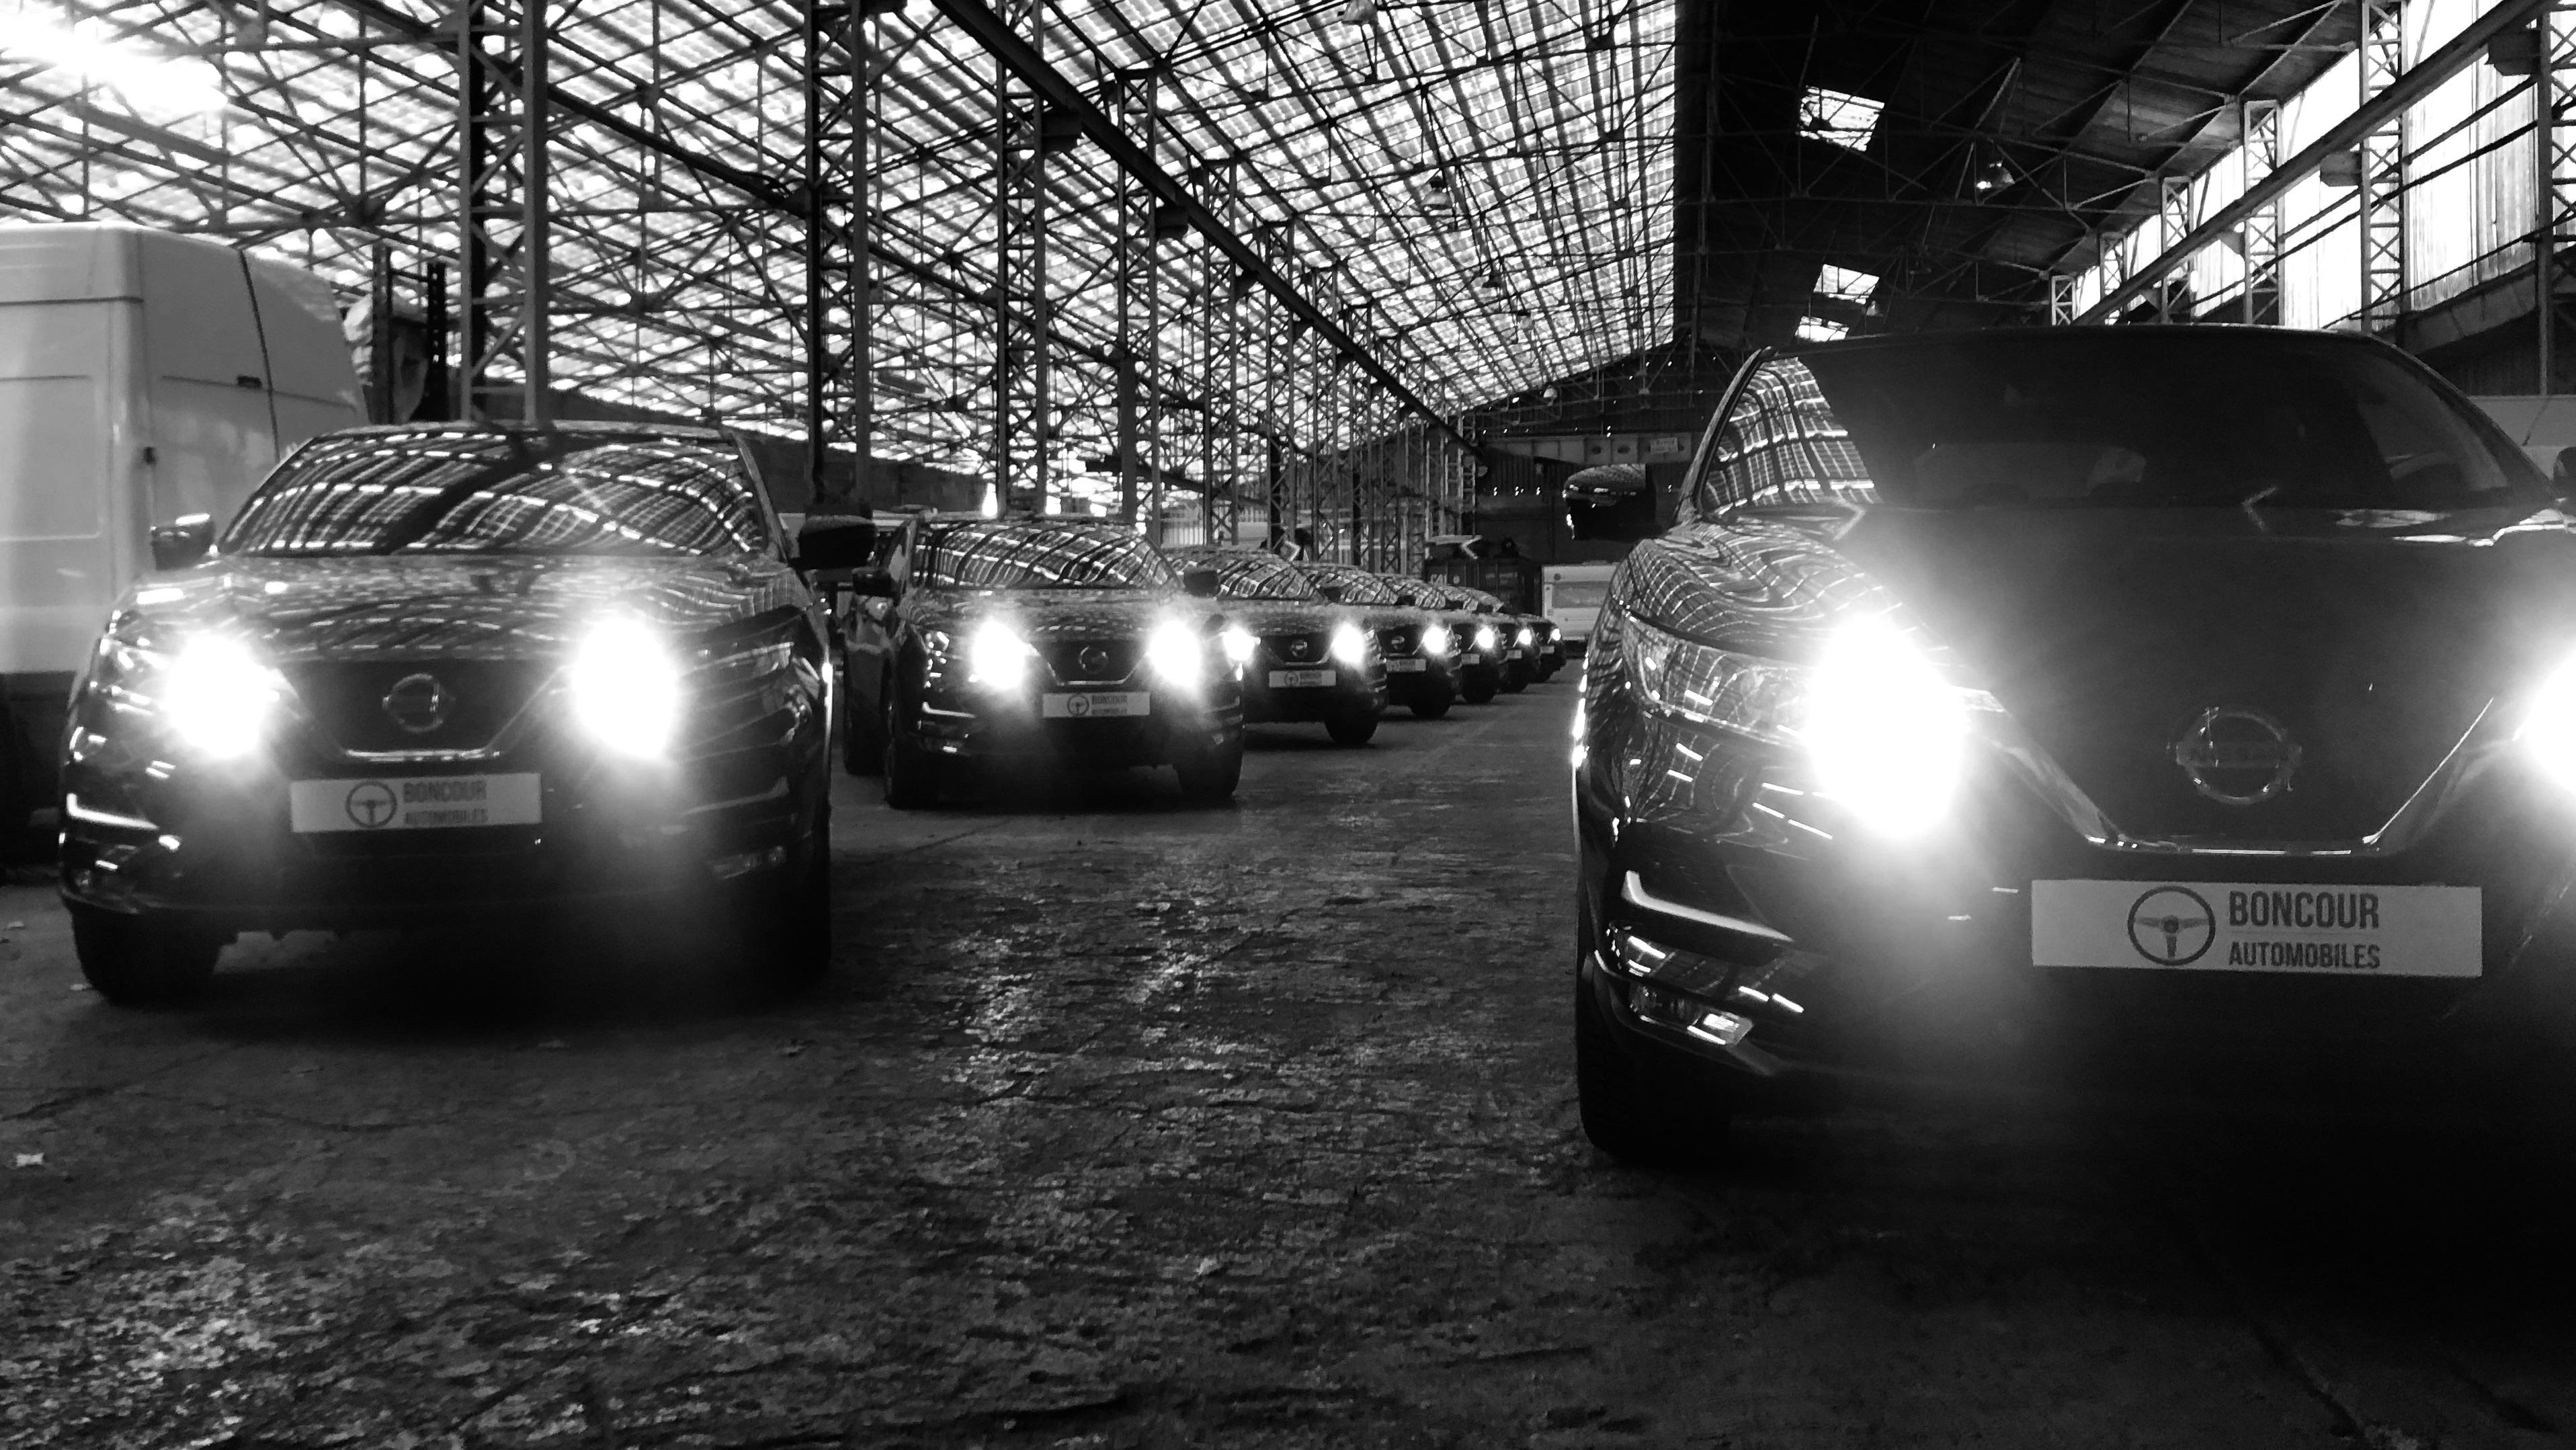 BONCOUR AUTOMOBILES